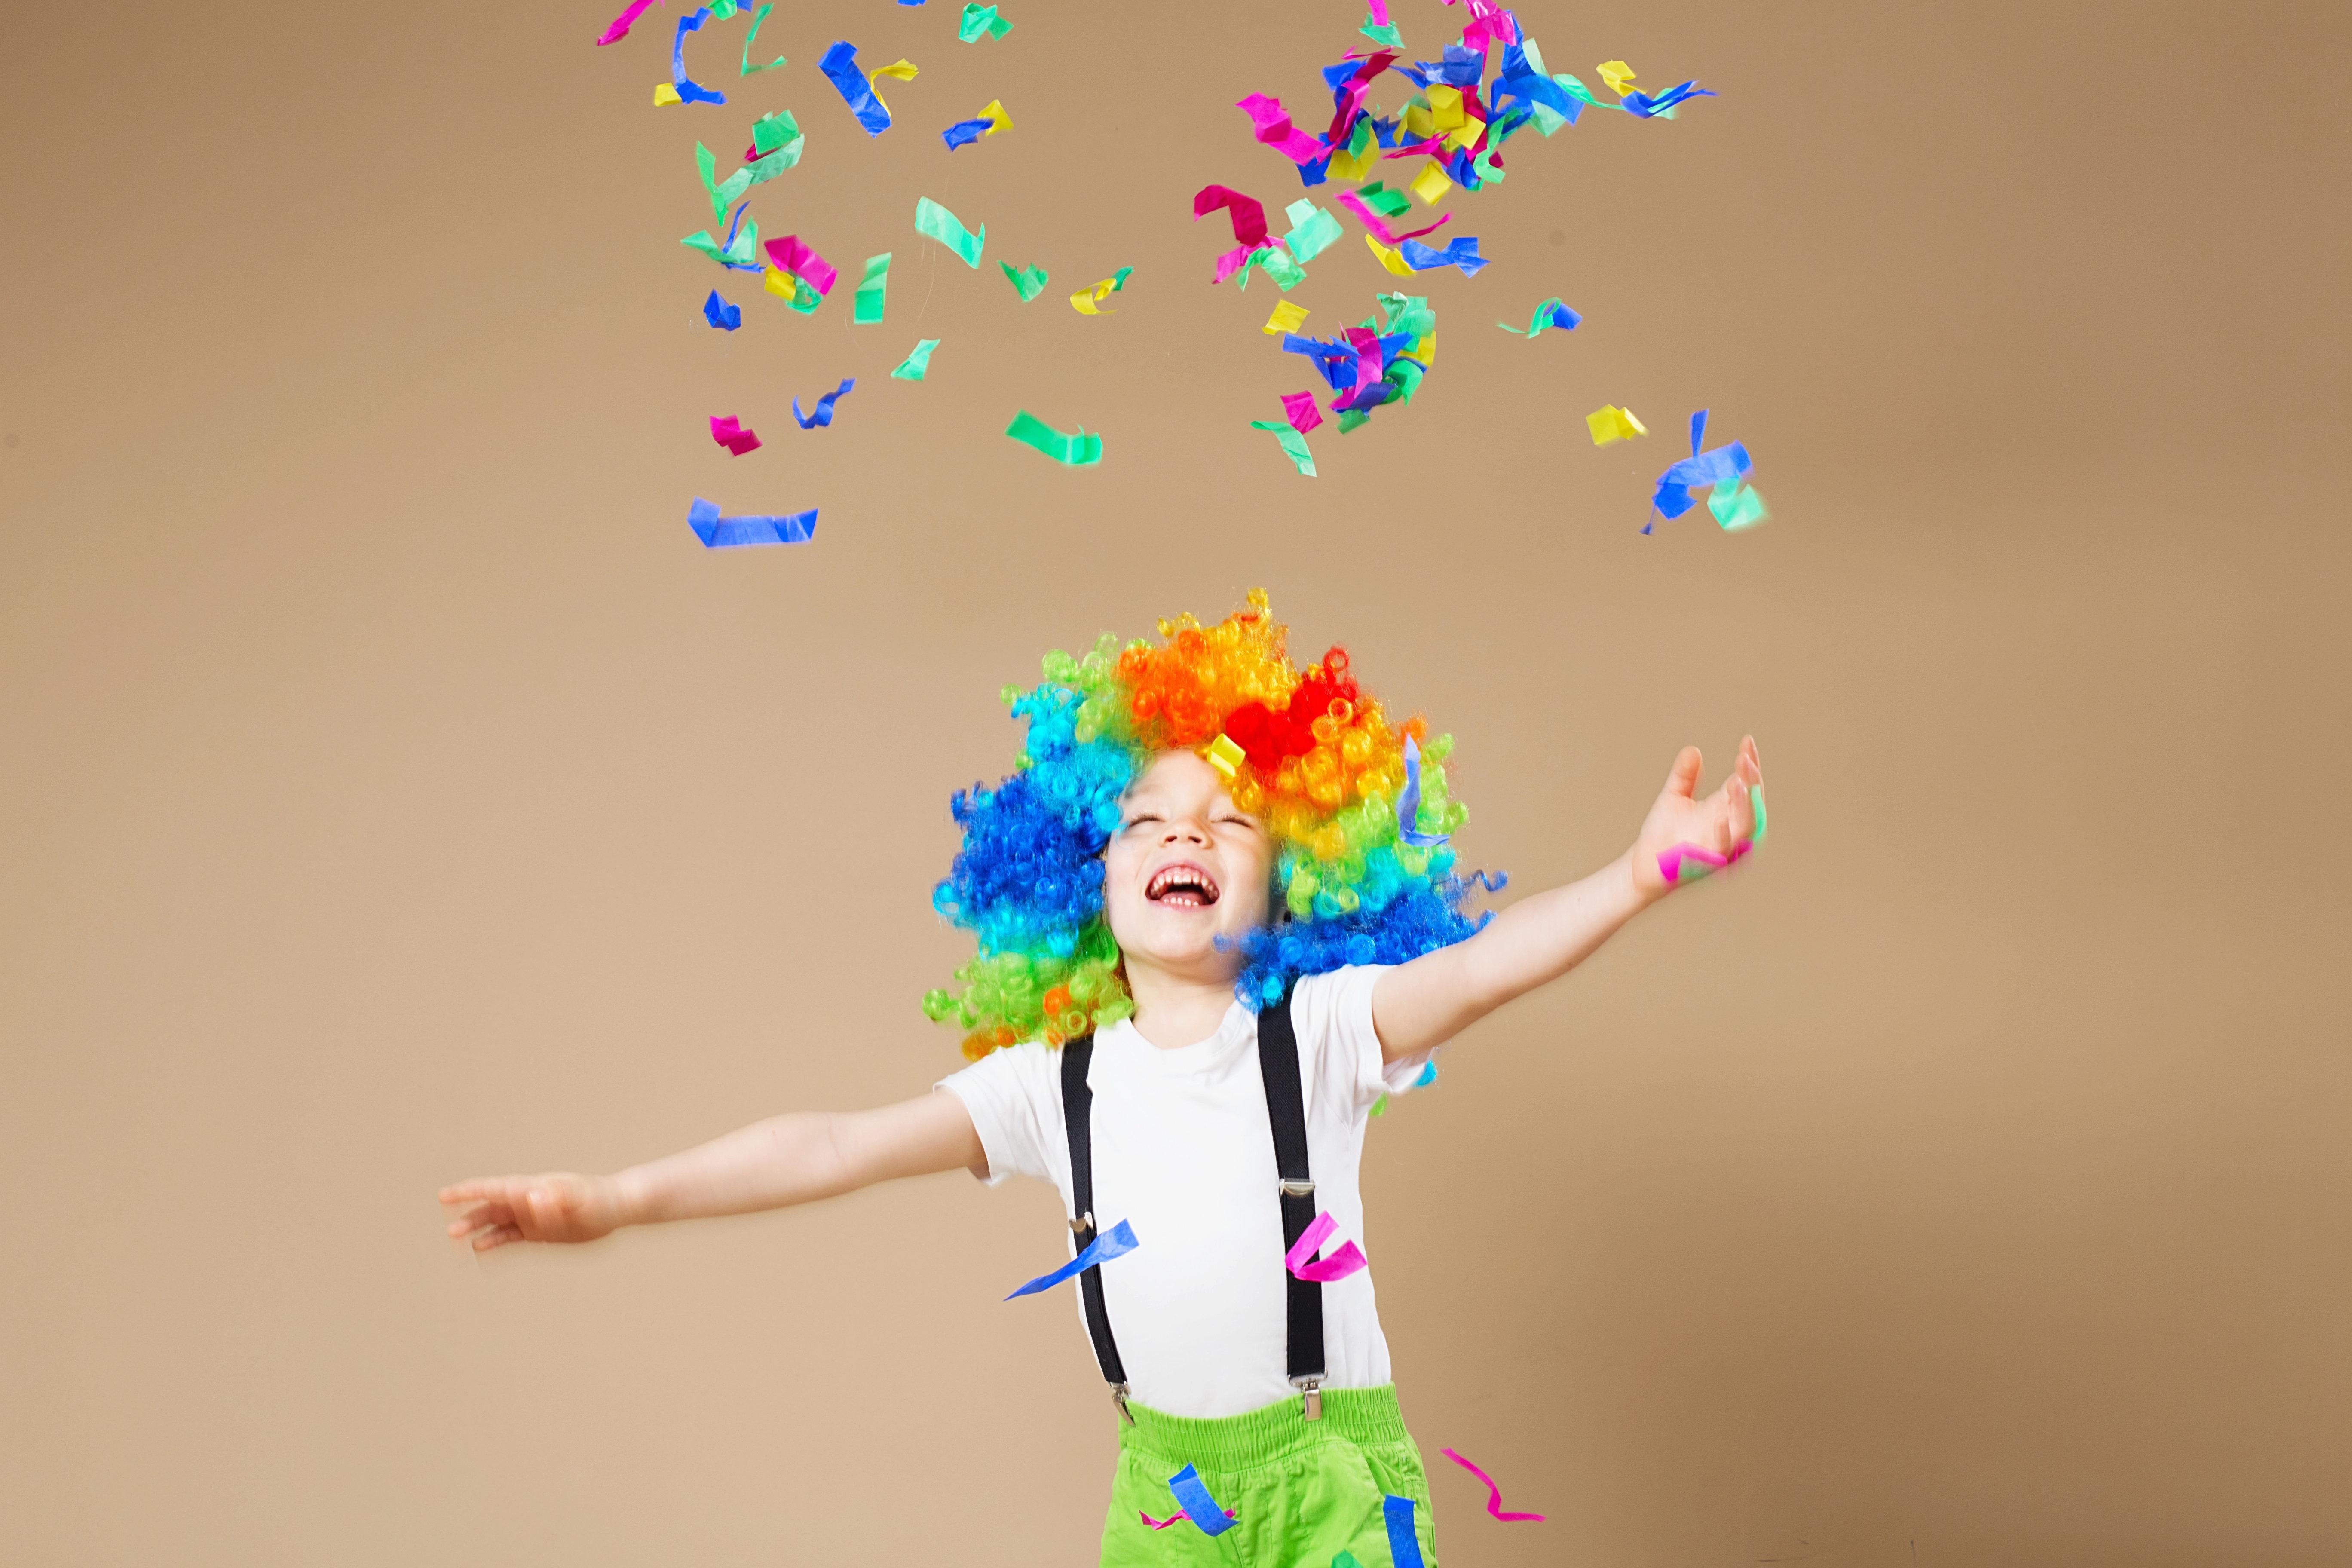 11 ideias criativas de fantasias para as crianças fáceis de fazer em